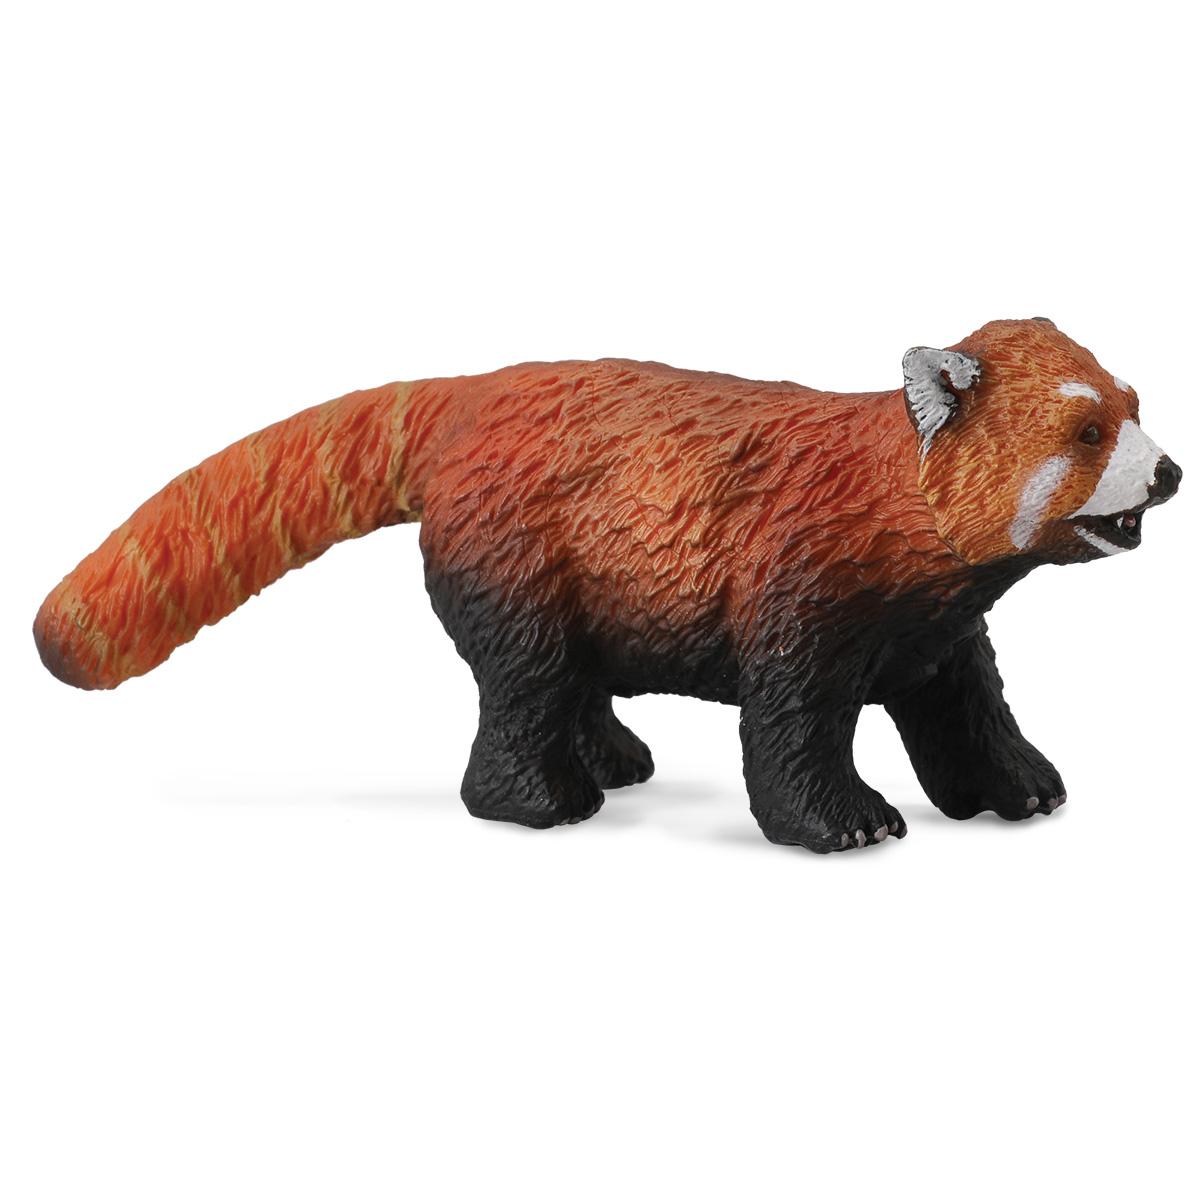 Фигурка животного - Красная панда, размер MДикая природа (Wildlife)<br>Фигурка животного - Красная панда, размер M<br>